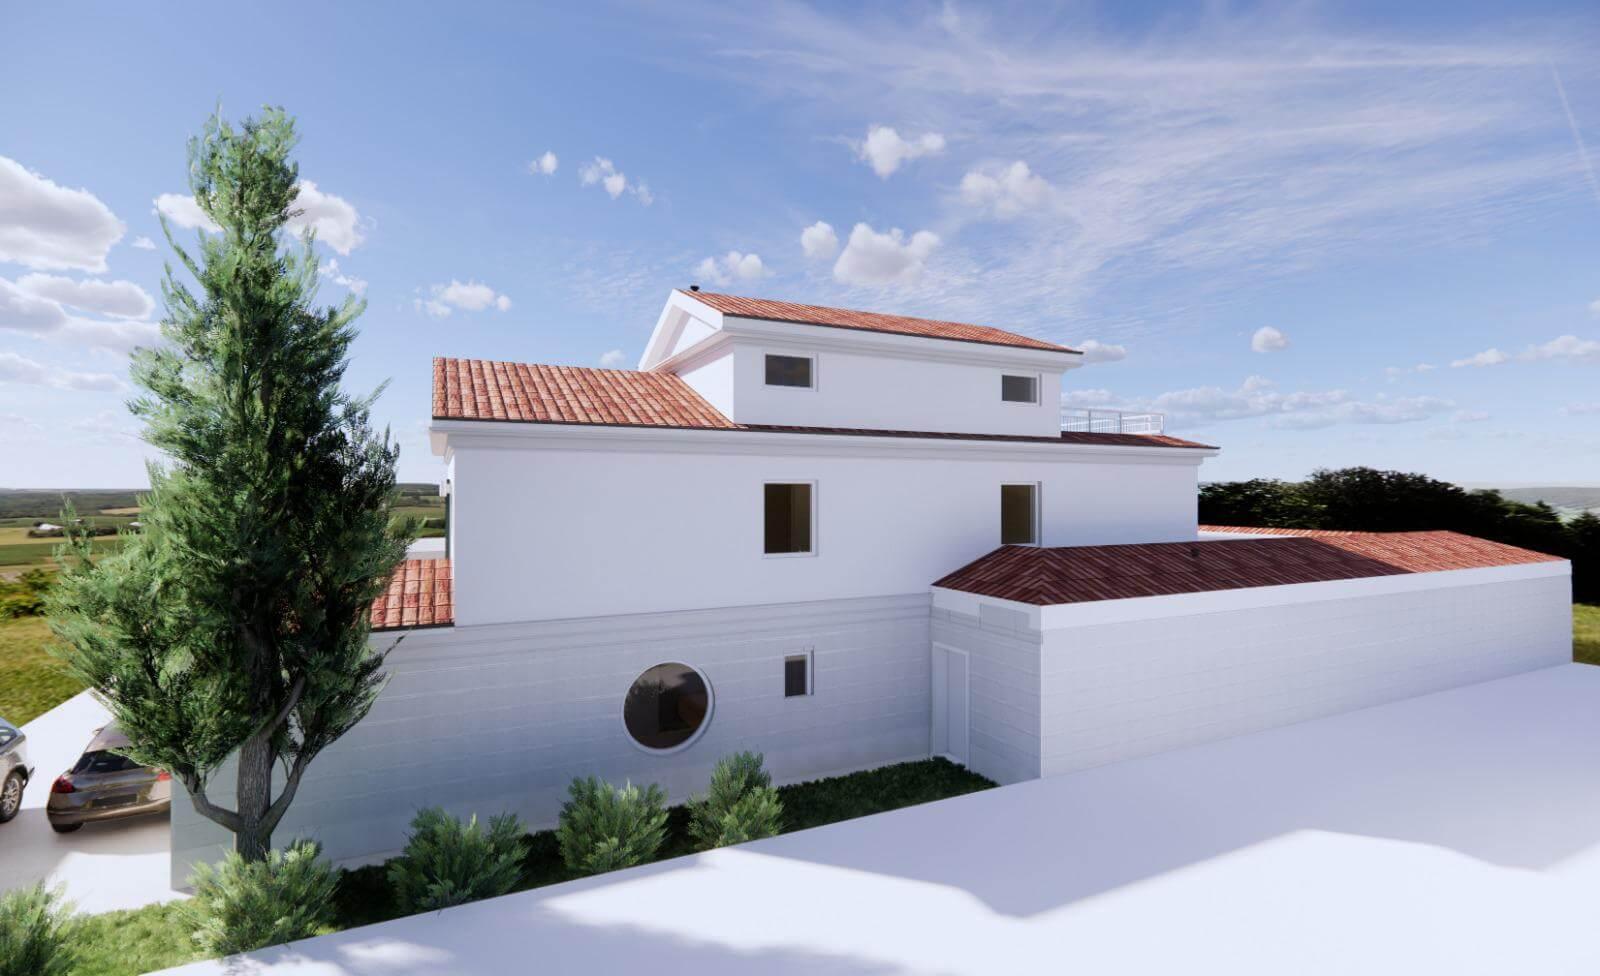 Veľký rozostavaný rodinný dom, 3NP spolu 355,13m2,pozemok 650m2,Novalja, na ostrove Pag, Chorvátsko-11